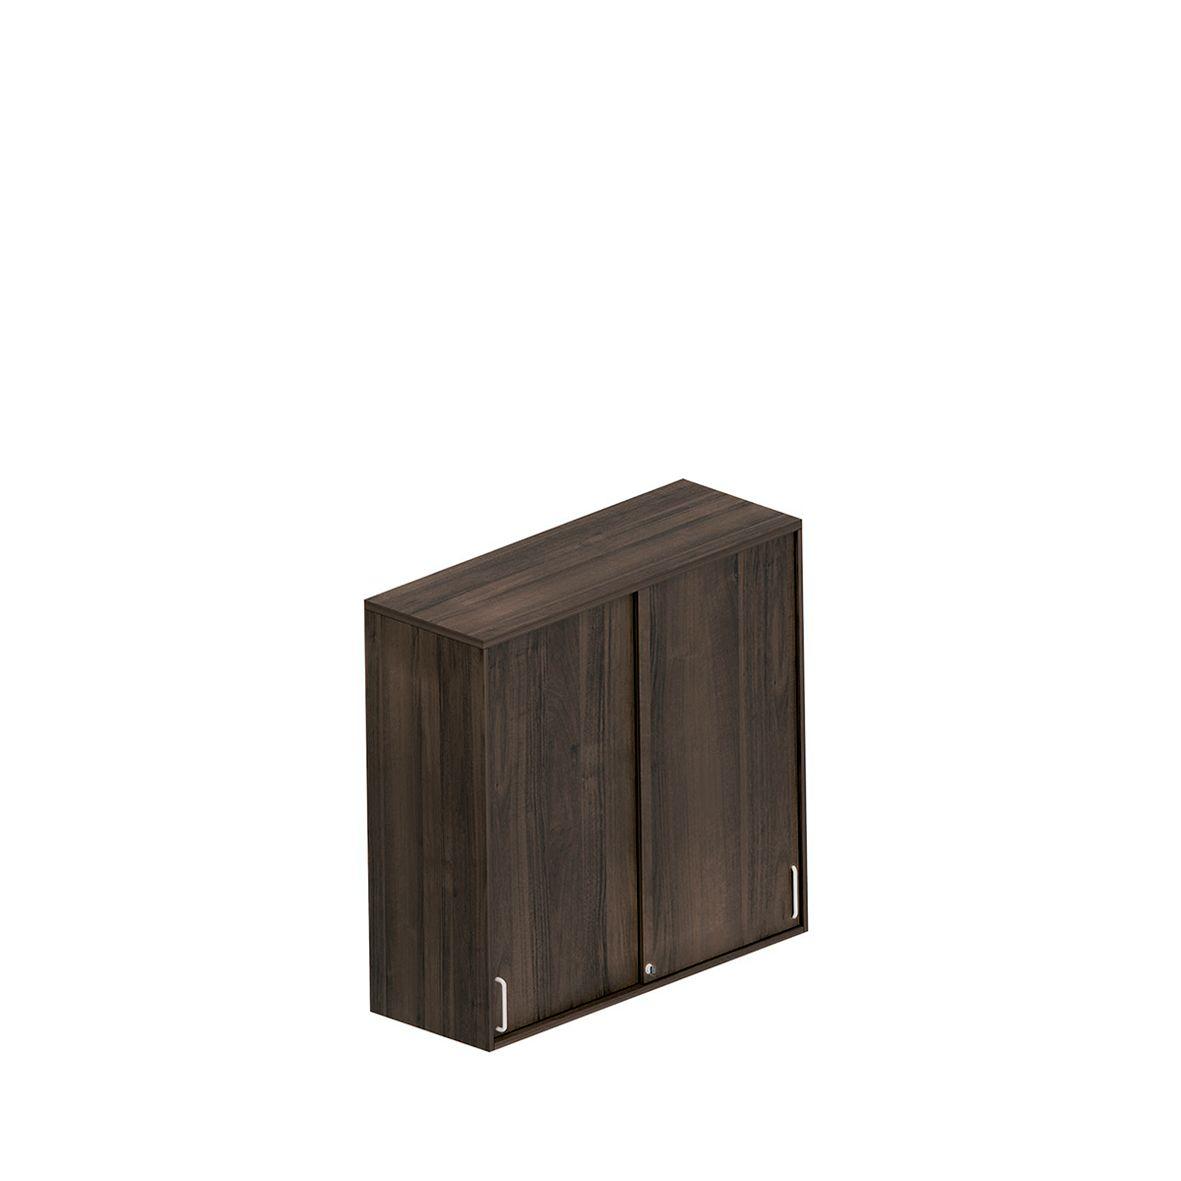 schiebet ren aufsatzschrank bexxstar 2 oder 3 ordnerh hen b 1200 x t 420 mm g nstig kaufen. Black Bedroom Furniture Sets. Home Design Ideas